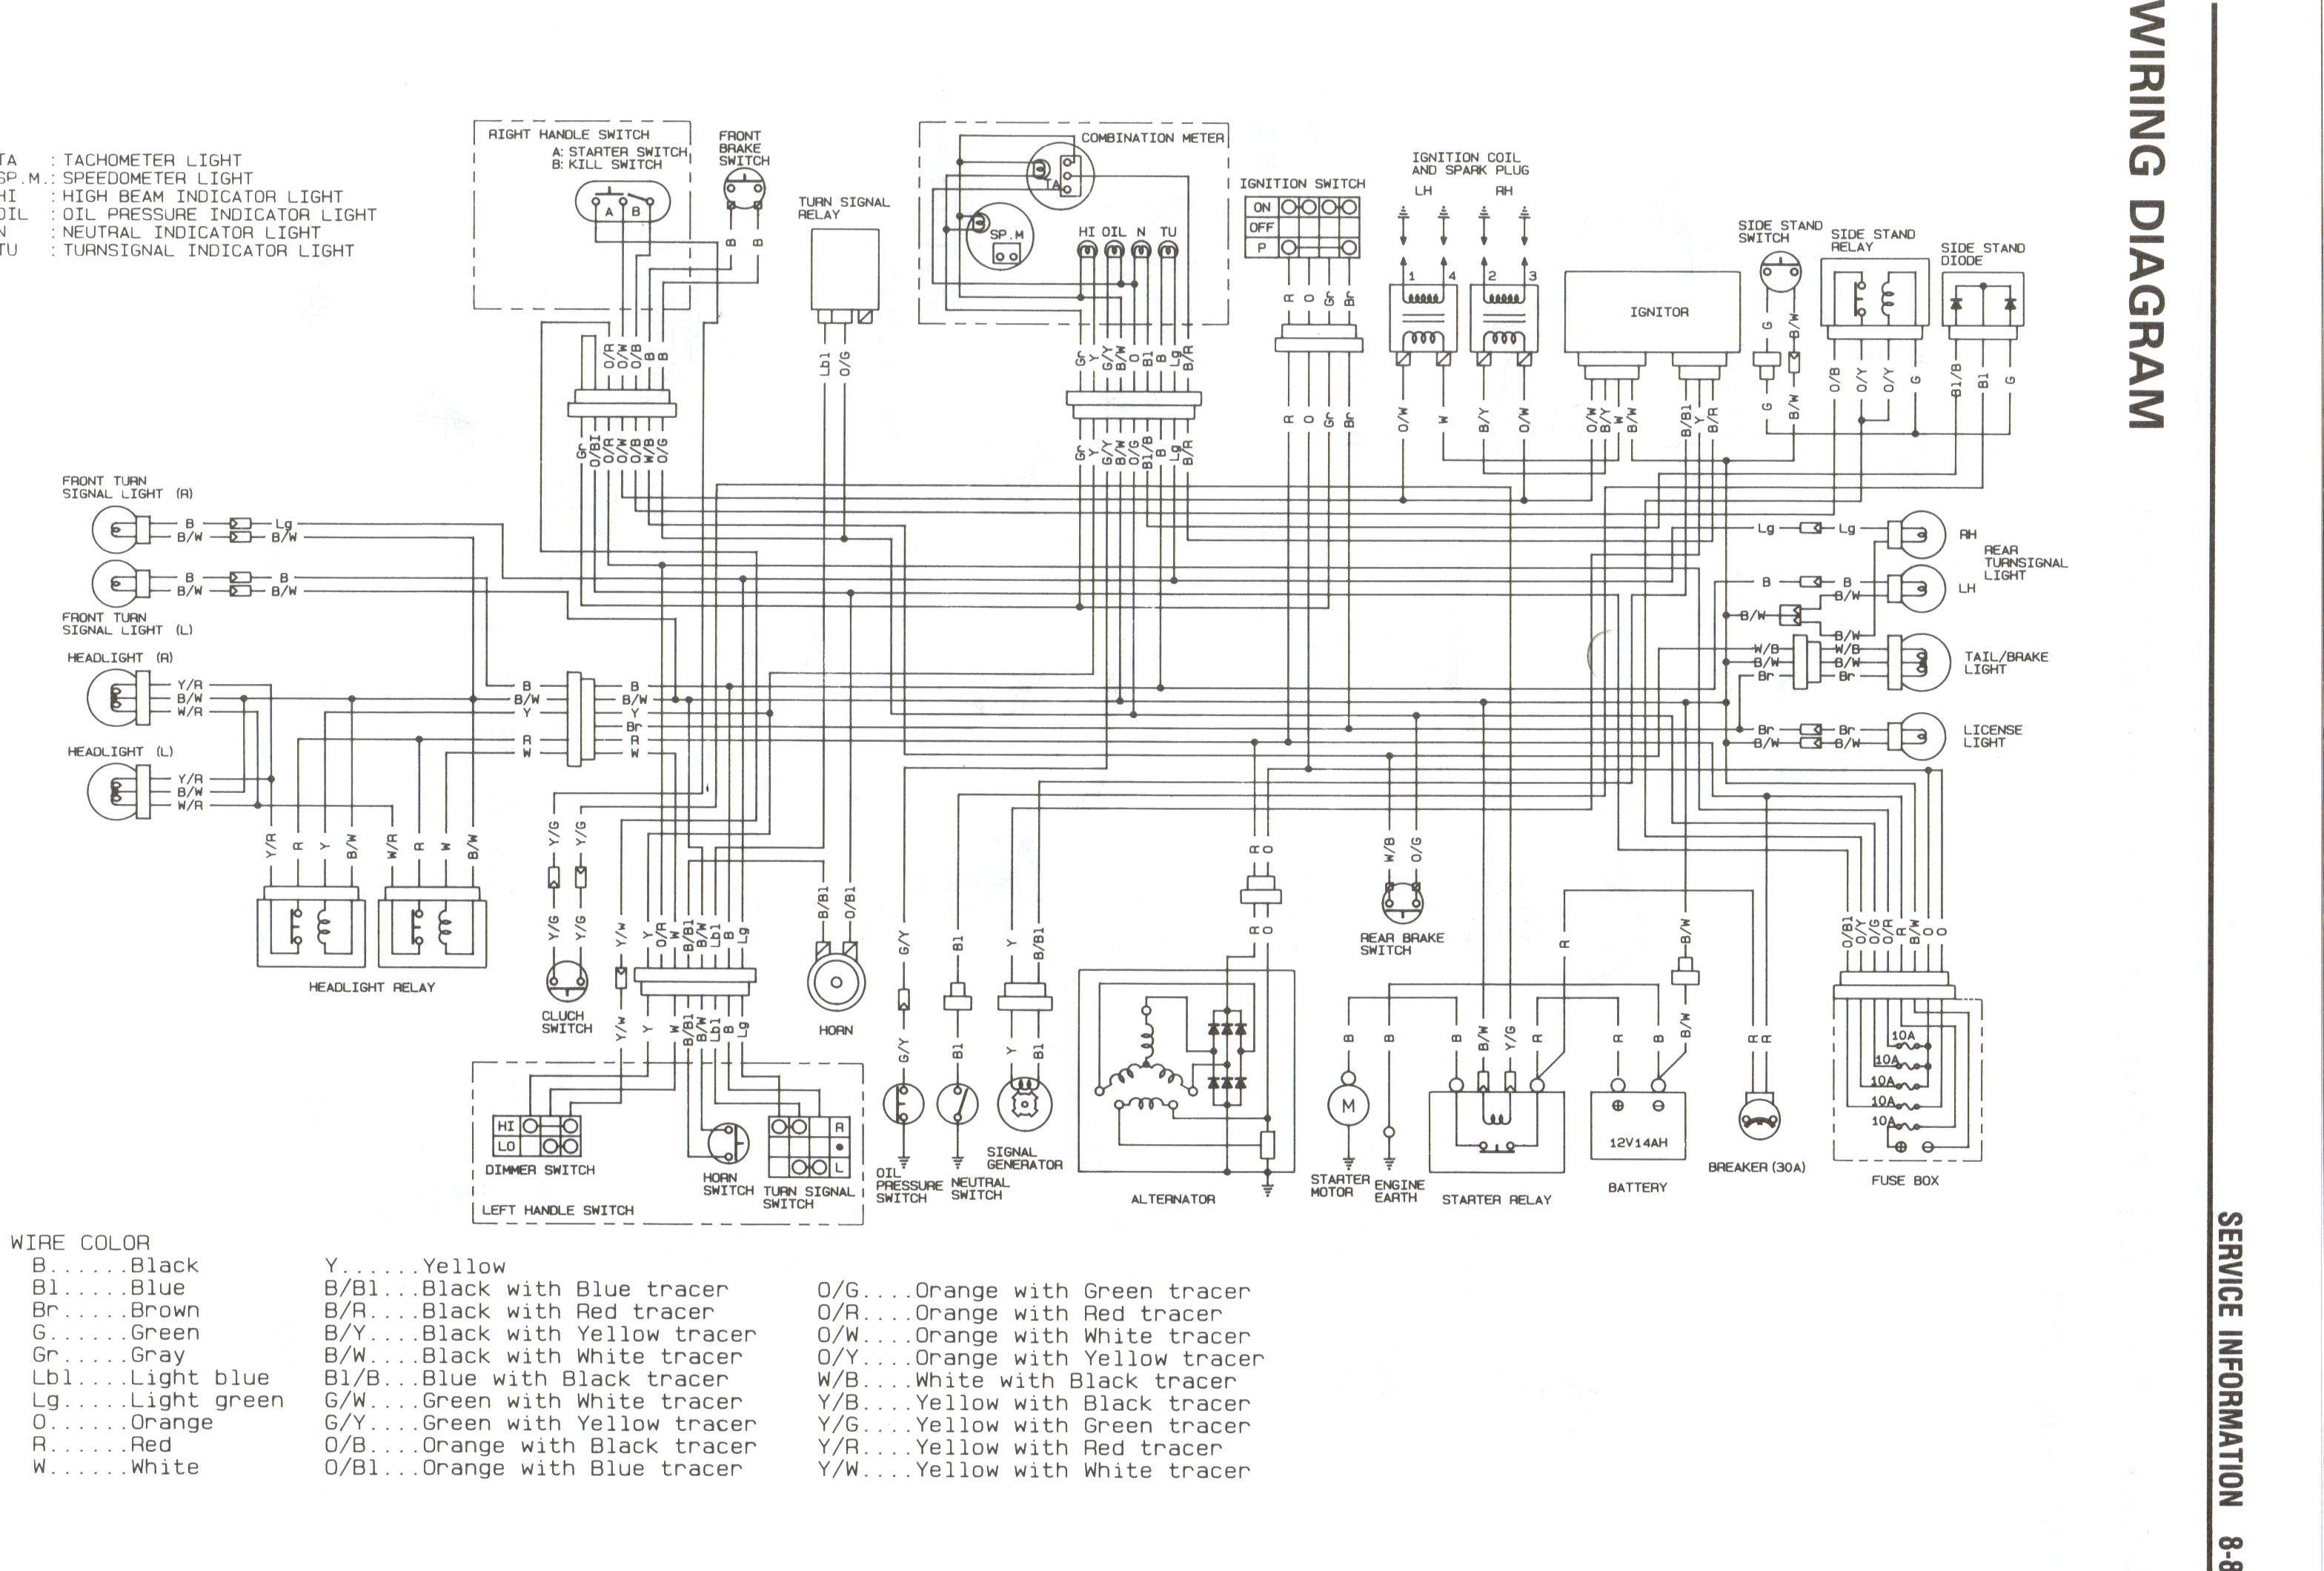 i need a 88-89 750 wiring diagram | suzuki gsx-r motorcycle forums gixxer .com  gixxer.com